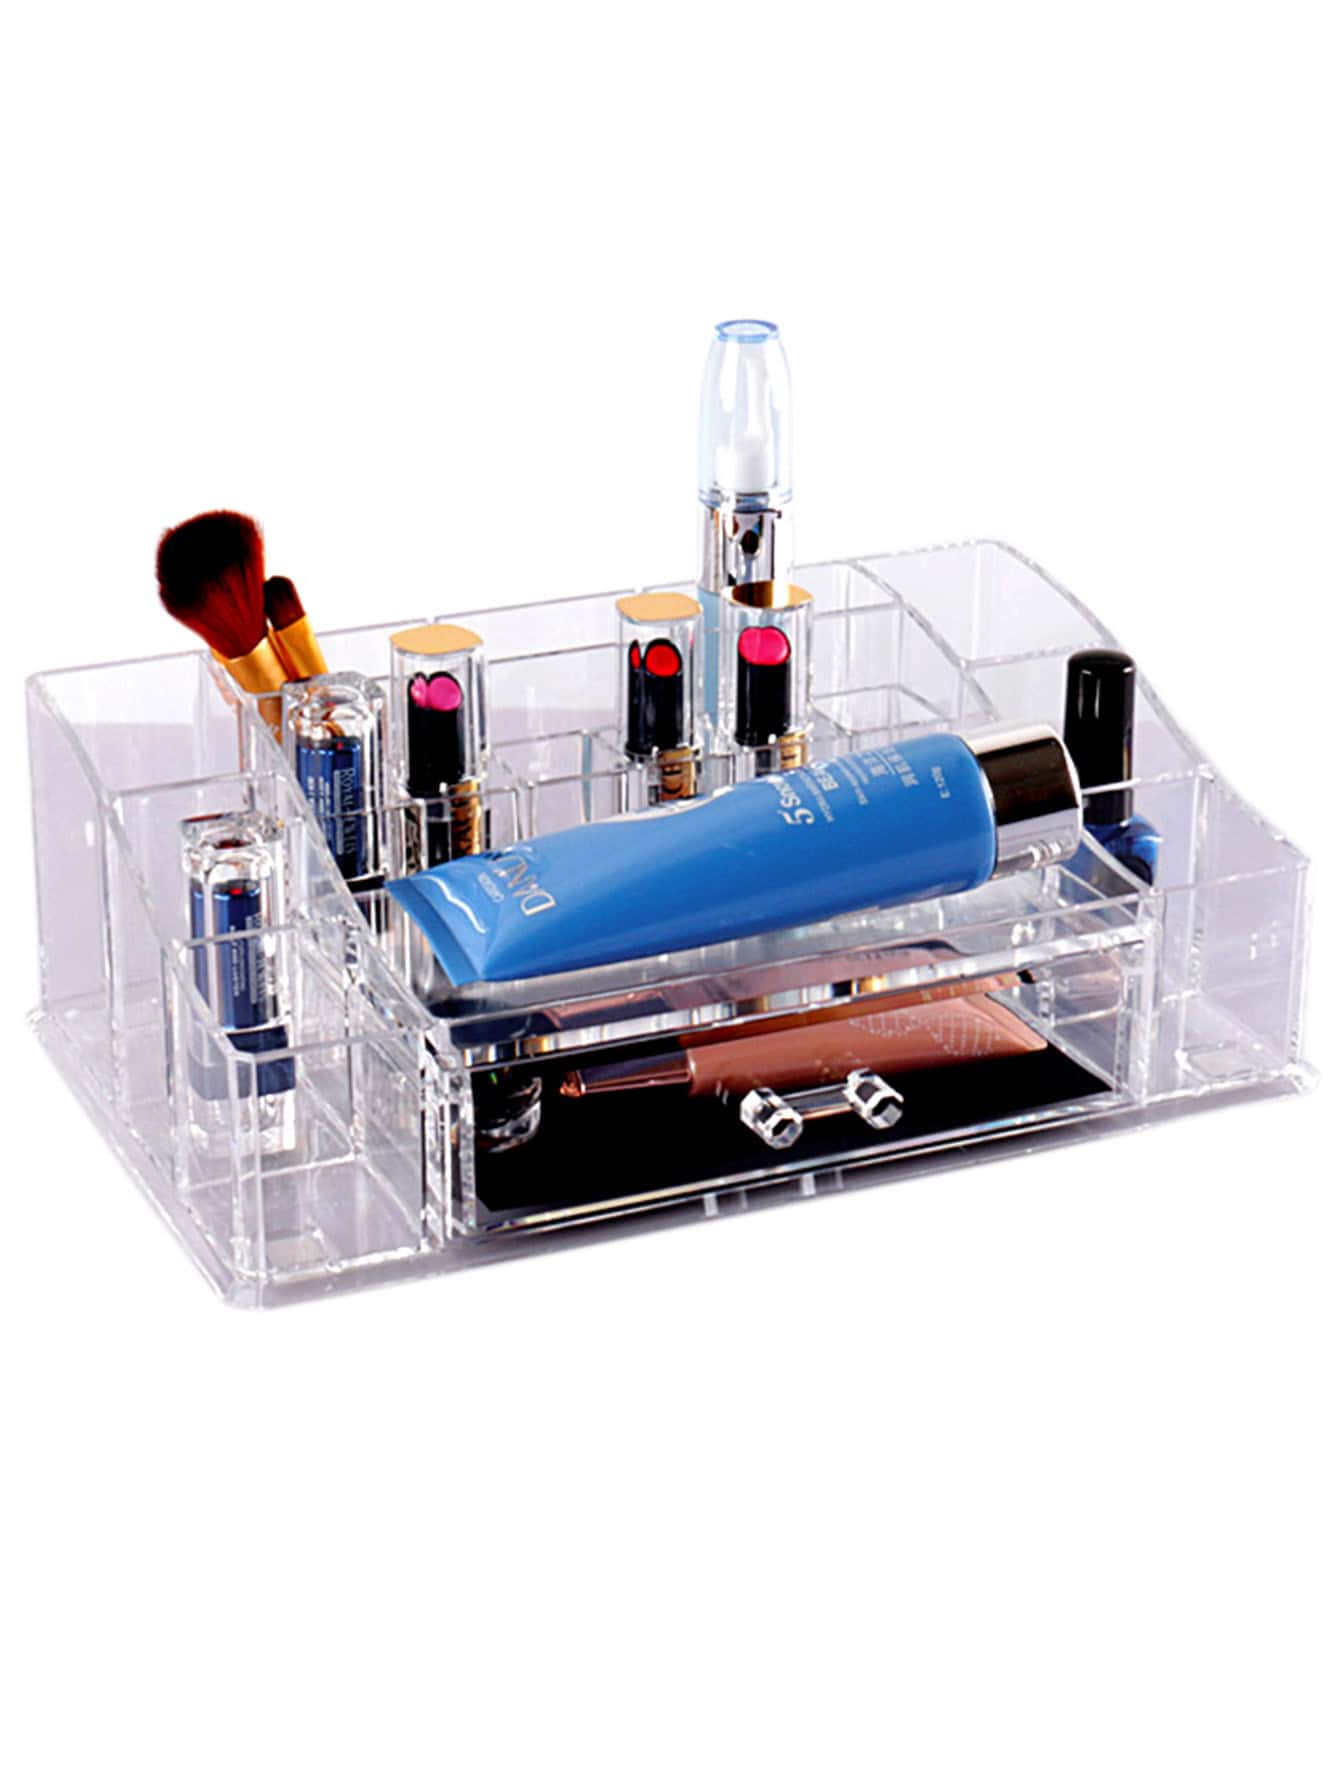 rengement maquillage et beaut acrylique avez tiroir french romwe. Black Bedroom Furniture Sets. Home Design Ideas